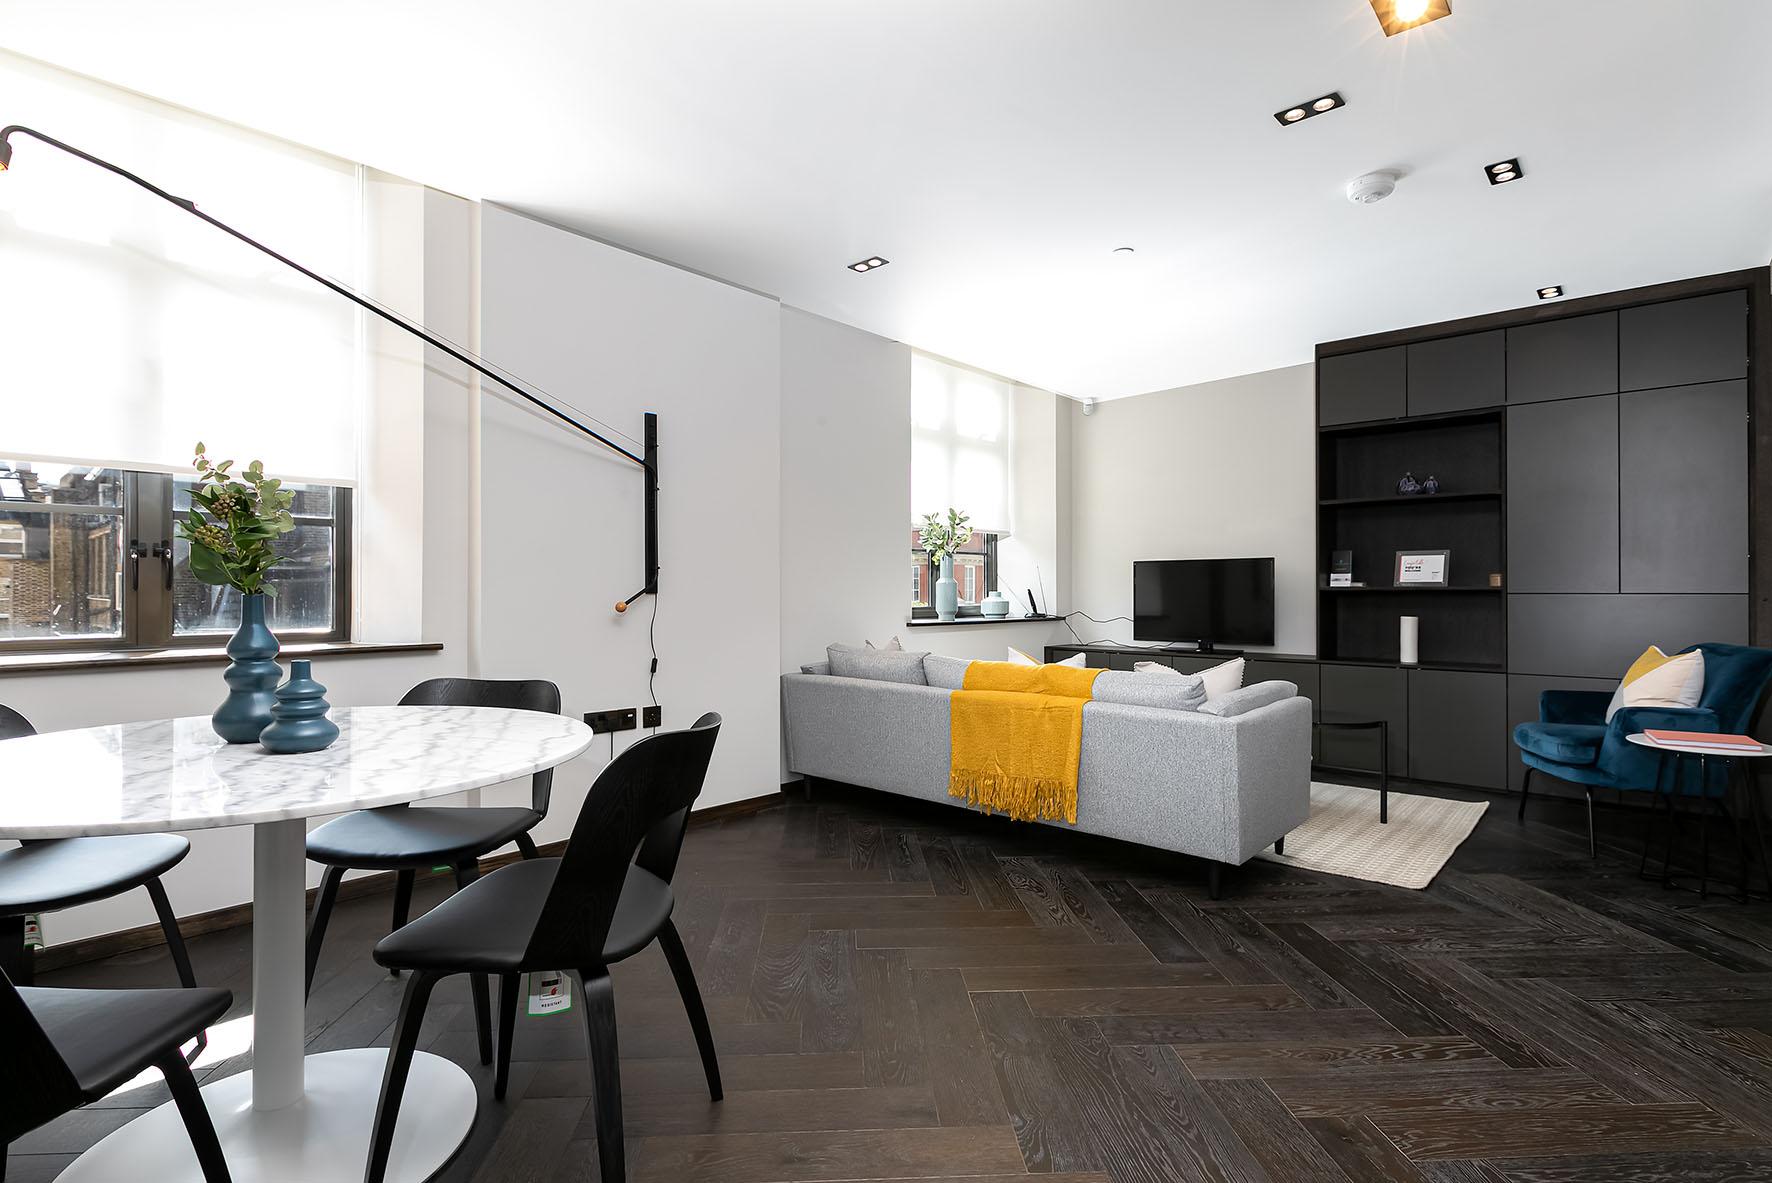 Lovelydays luxury service apartment rental - London - Soho - Oxford Street V - Lovelysuite - 1 bedrooms - 1 bathrooms - Luxury living room - f8111f1ab161 - Lovelydays